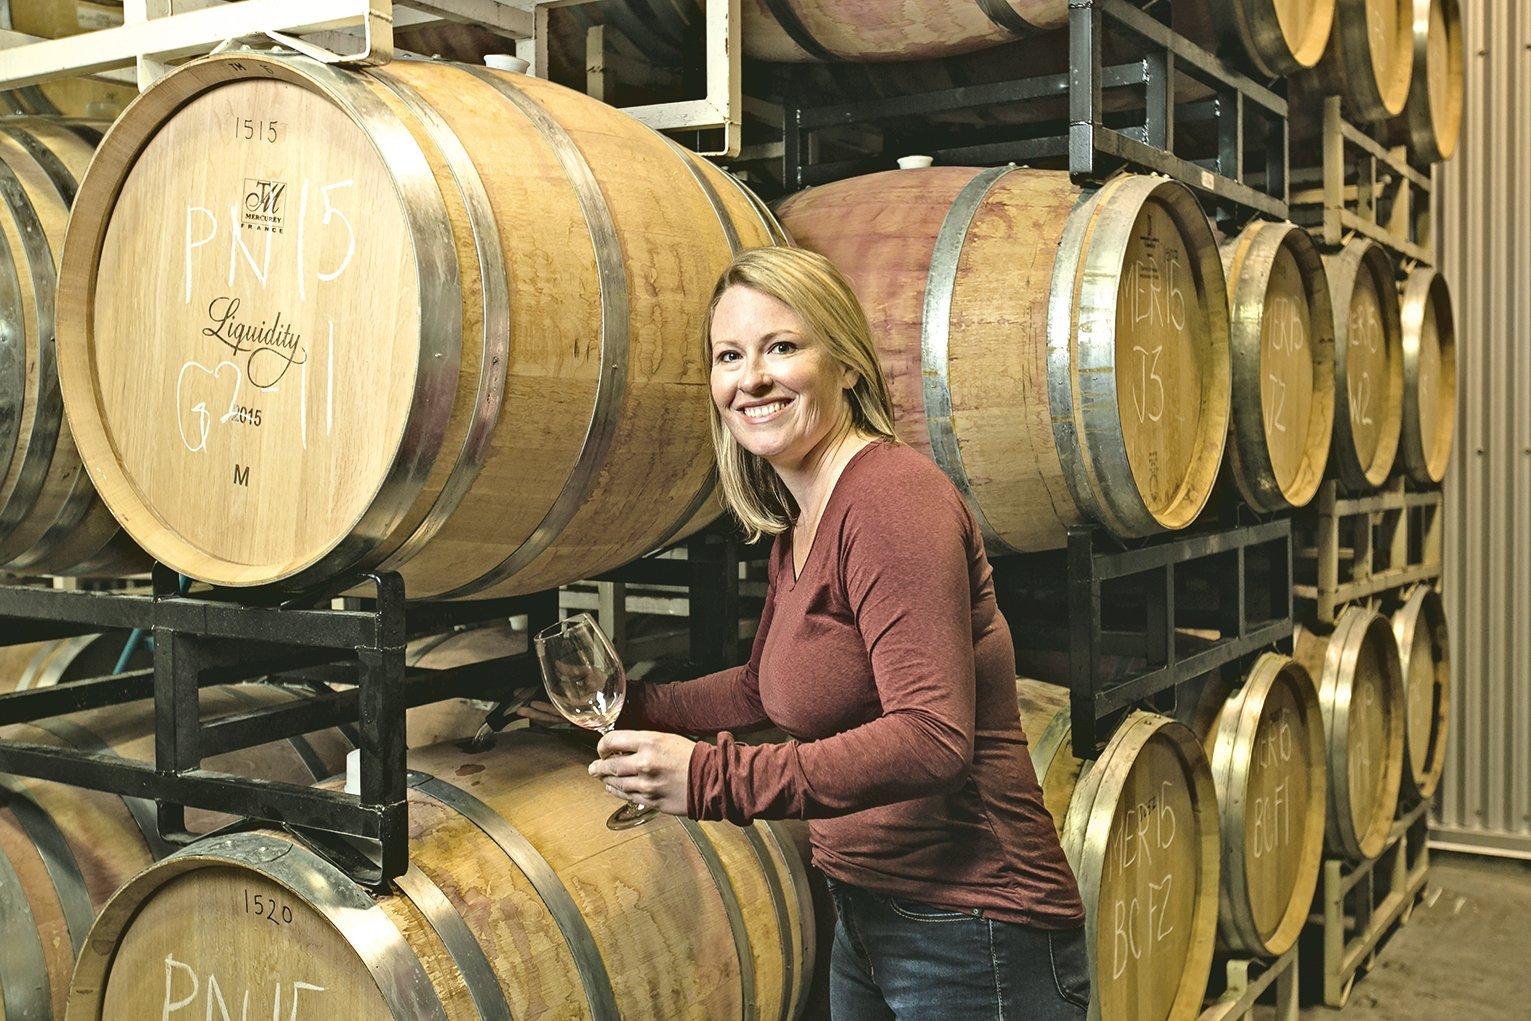 女釀酒師 Alison Moyes談到自己先在中小型葡萄園工作,使她短時間便接觸到釀酒工作的每一個環節。